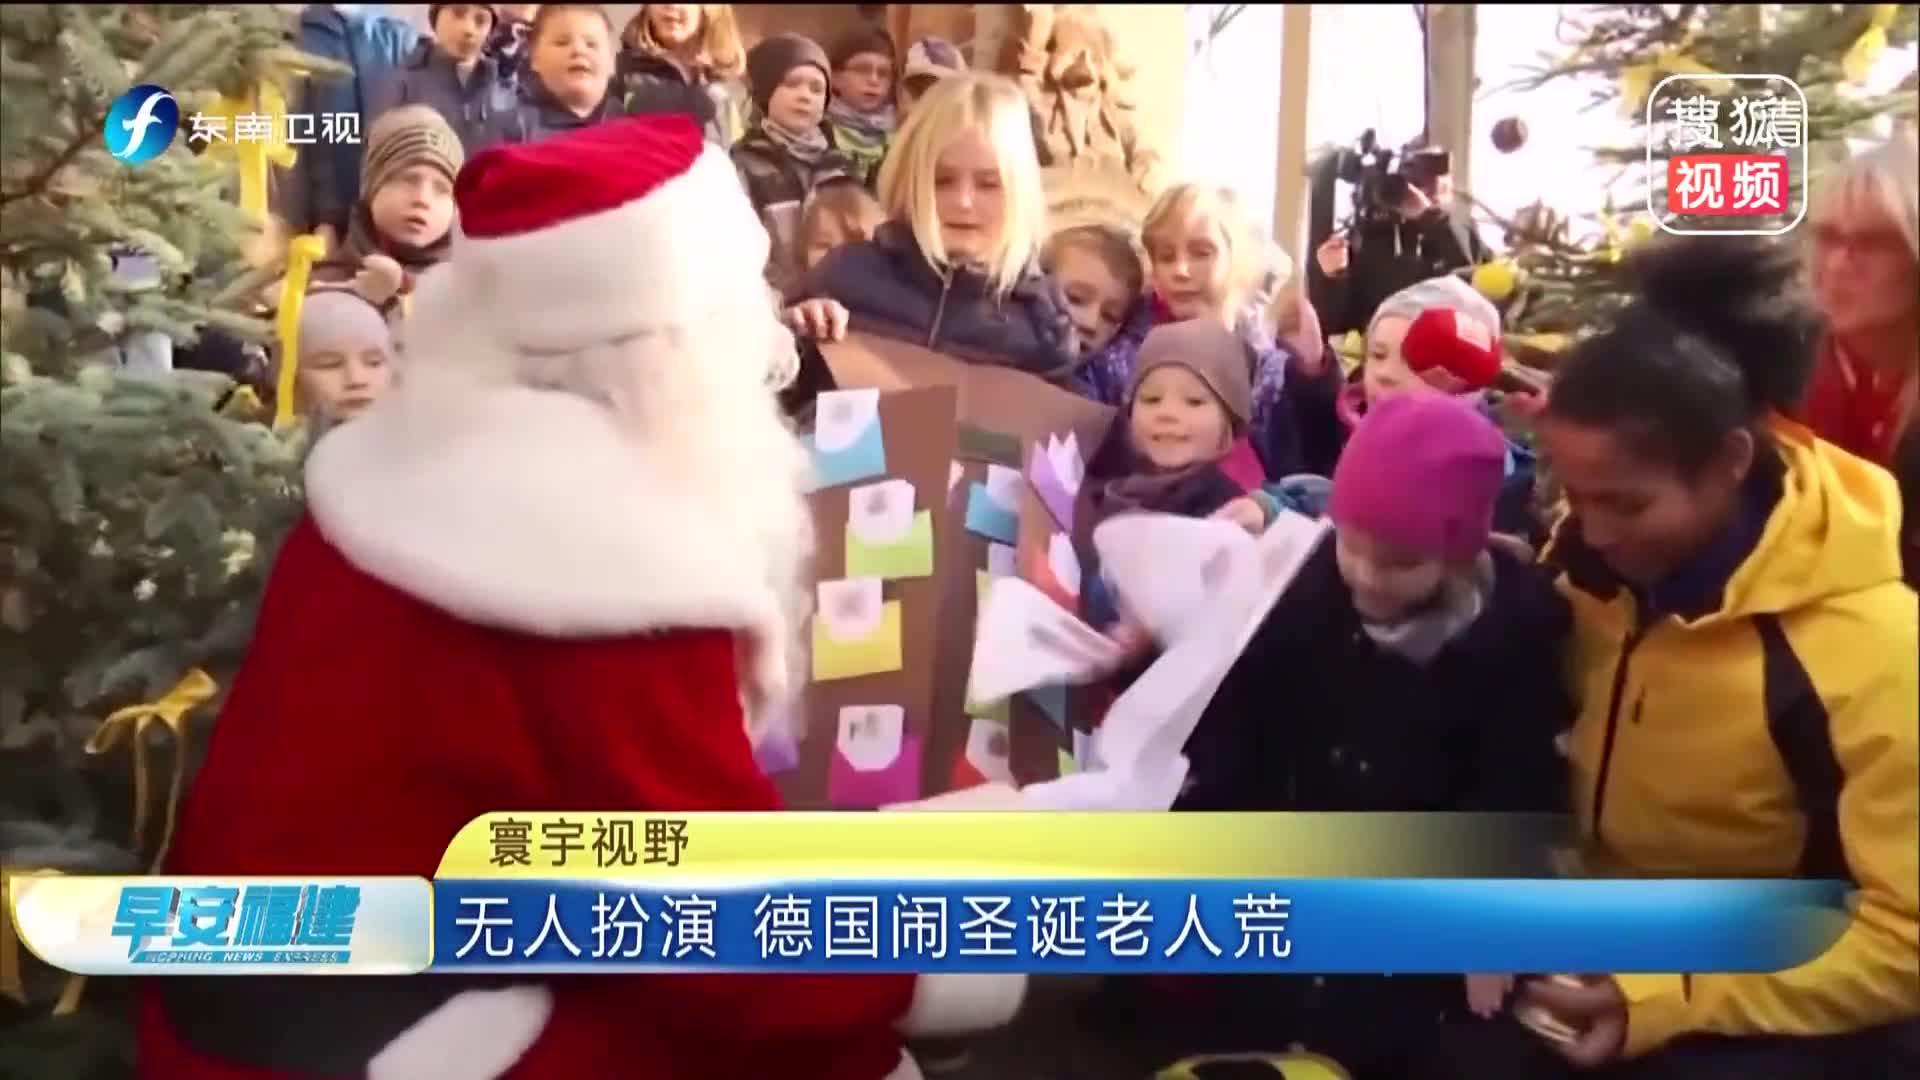 [视频]无人扮演 德国闹圣诞老人荒